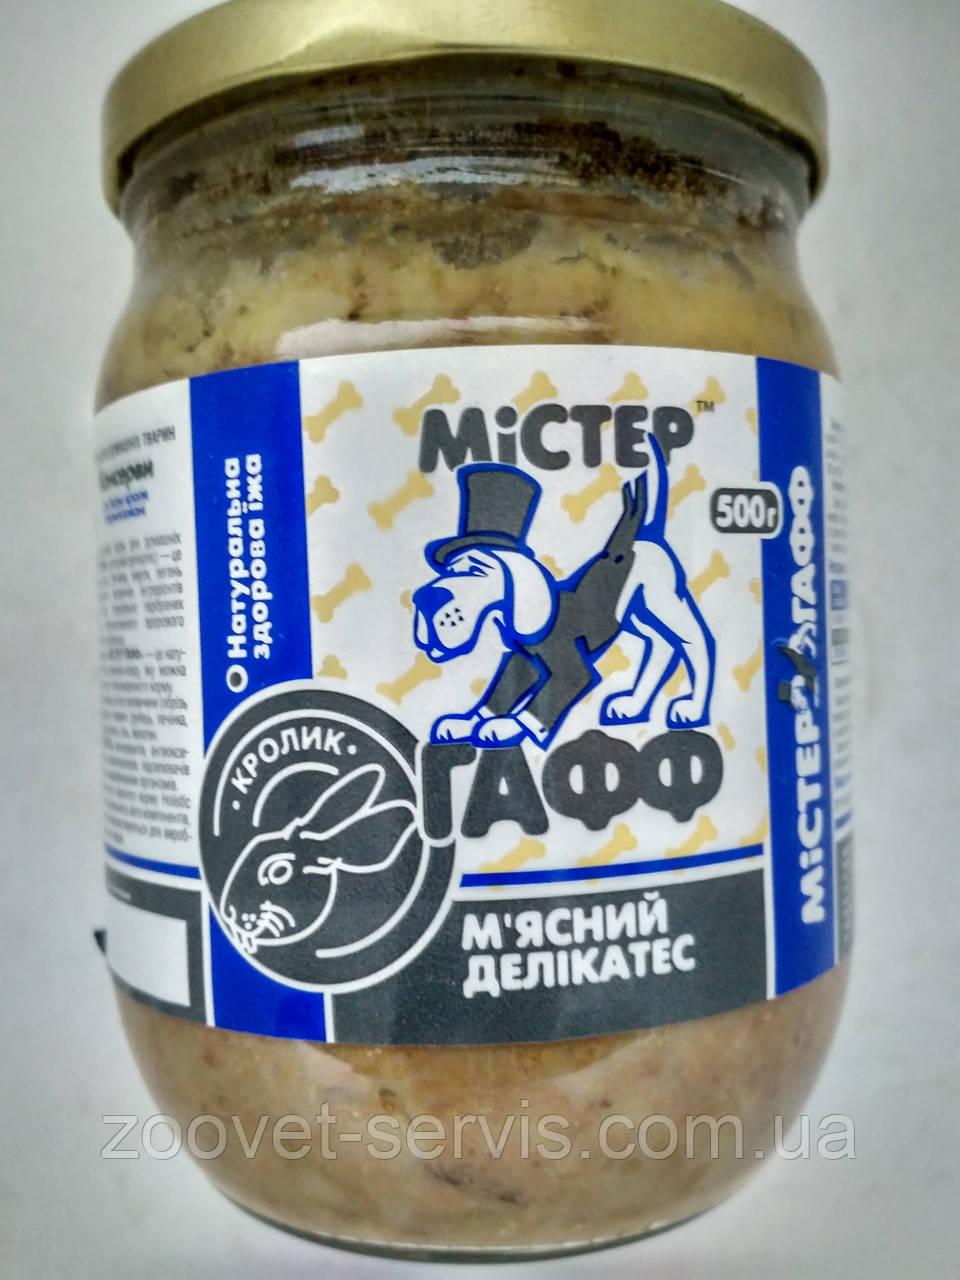 Консервы для собак Мистер Гафф мясной деликатес Кролик, 500 г